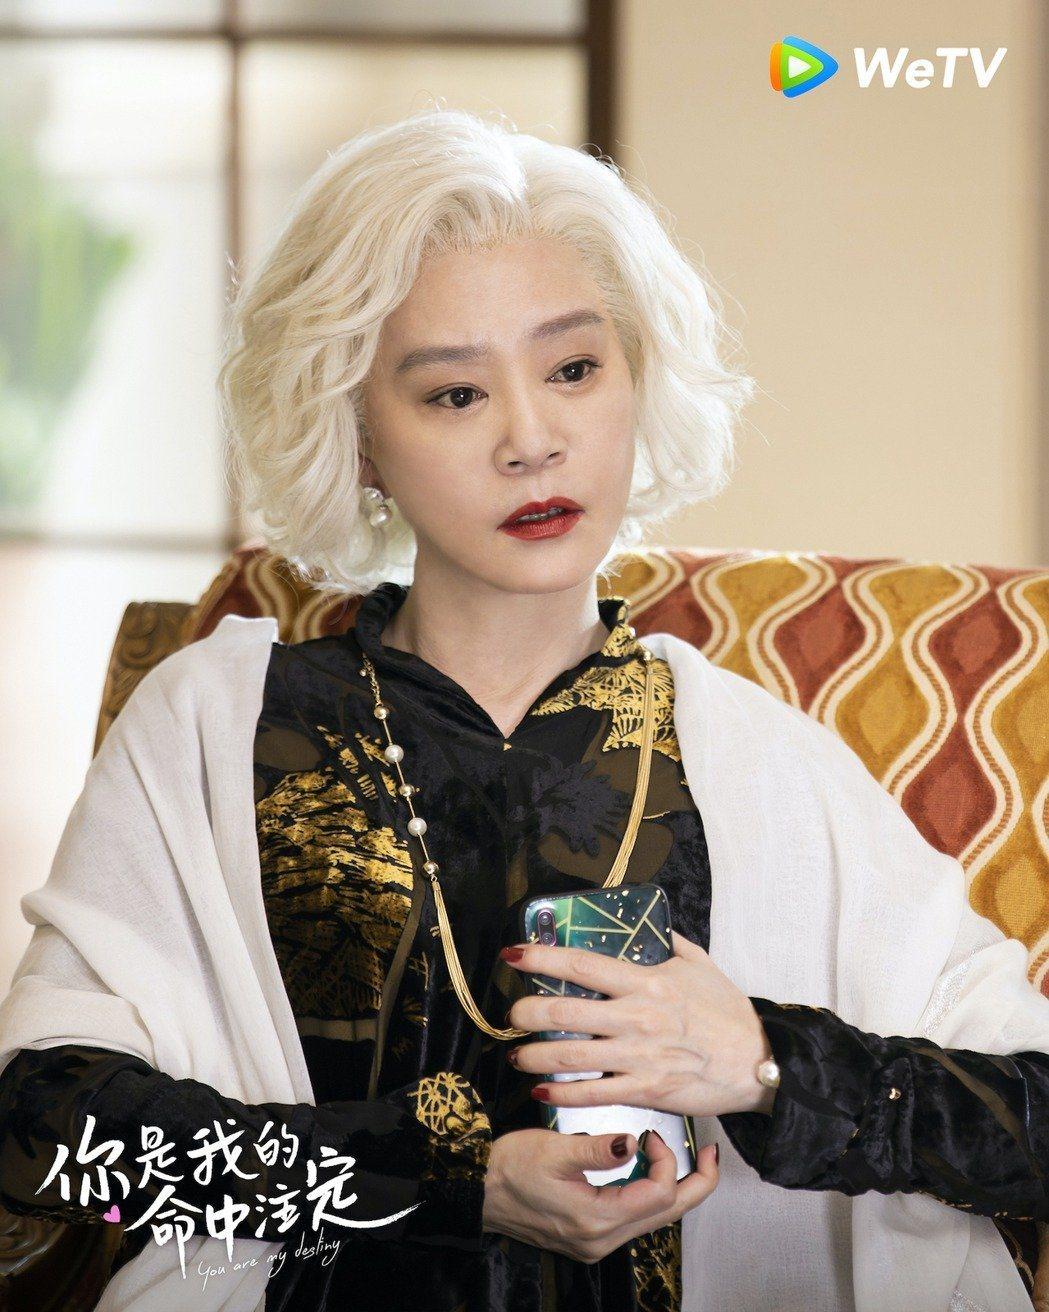 劉雪華在「你是我的命中注定」中飾演關鍵的奶奶一角。圖/WeTV提供